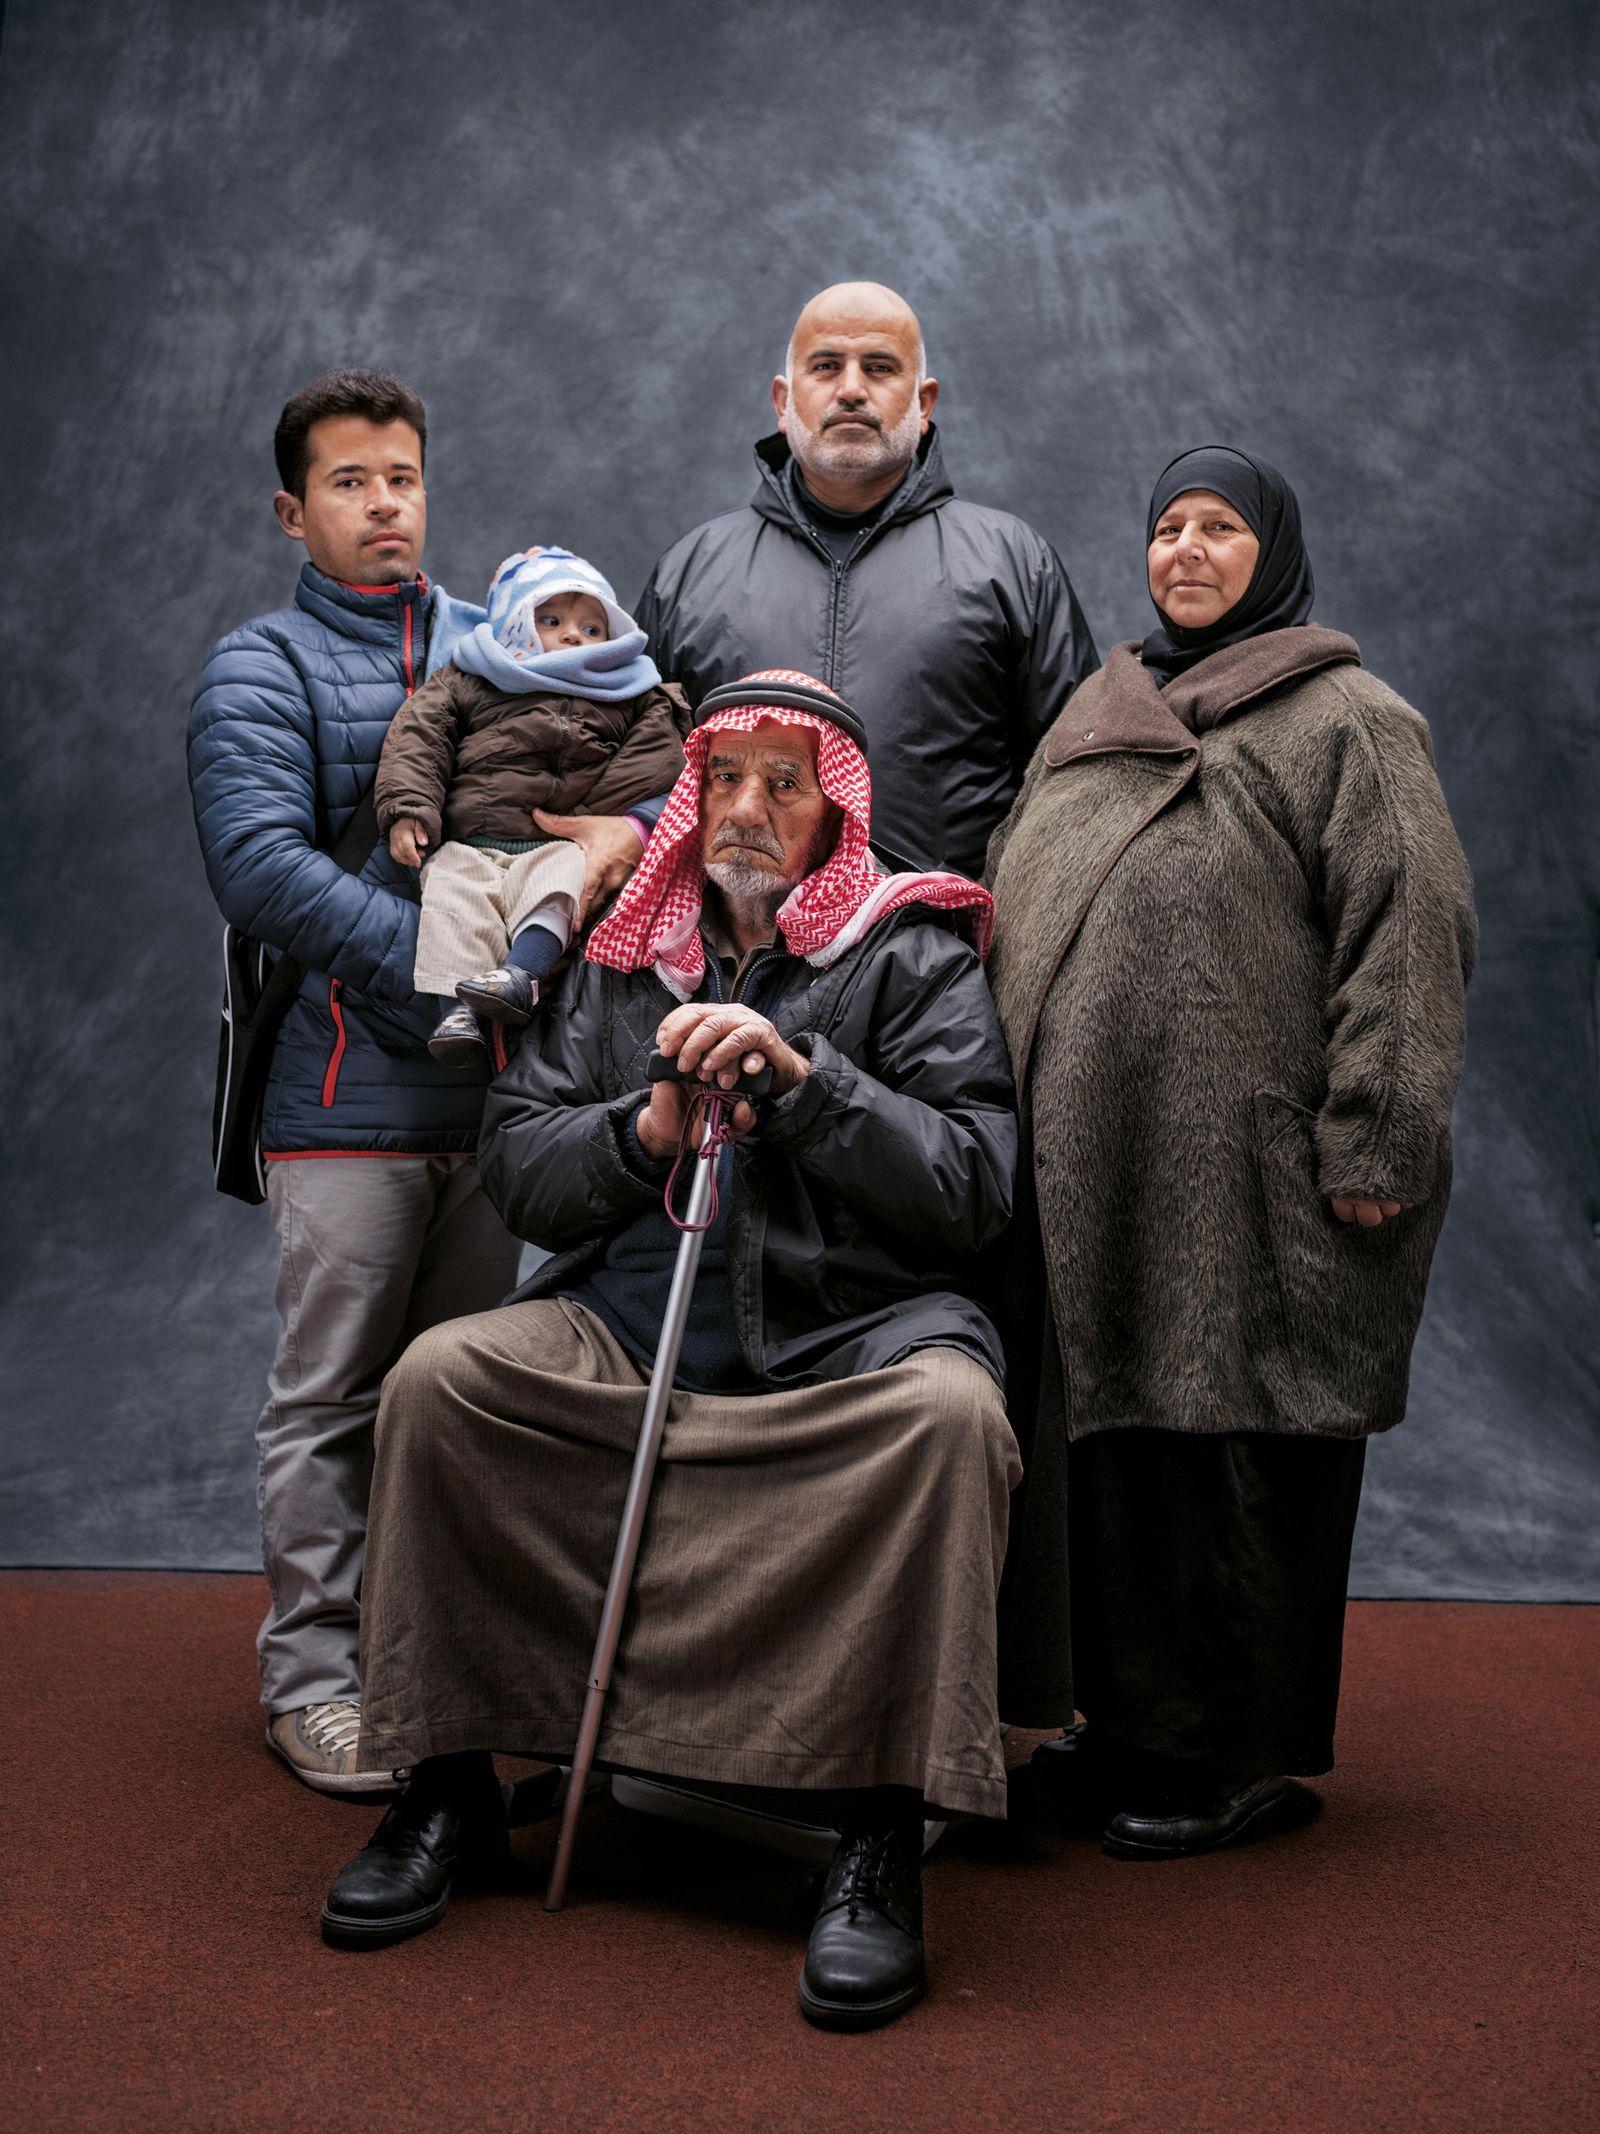 Portraits de migrants, d'hier et d'aujourd'hui